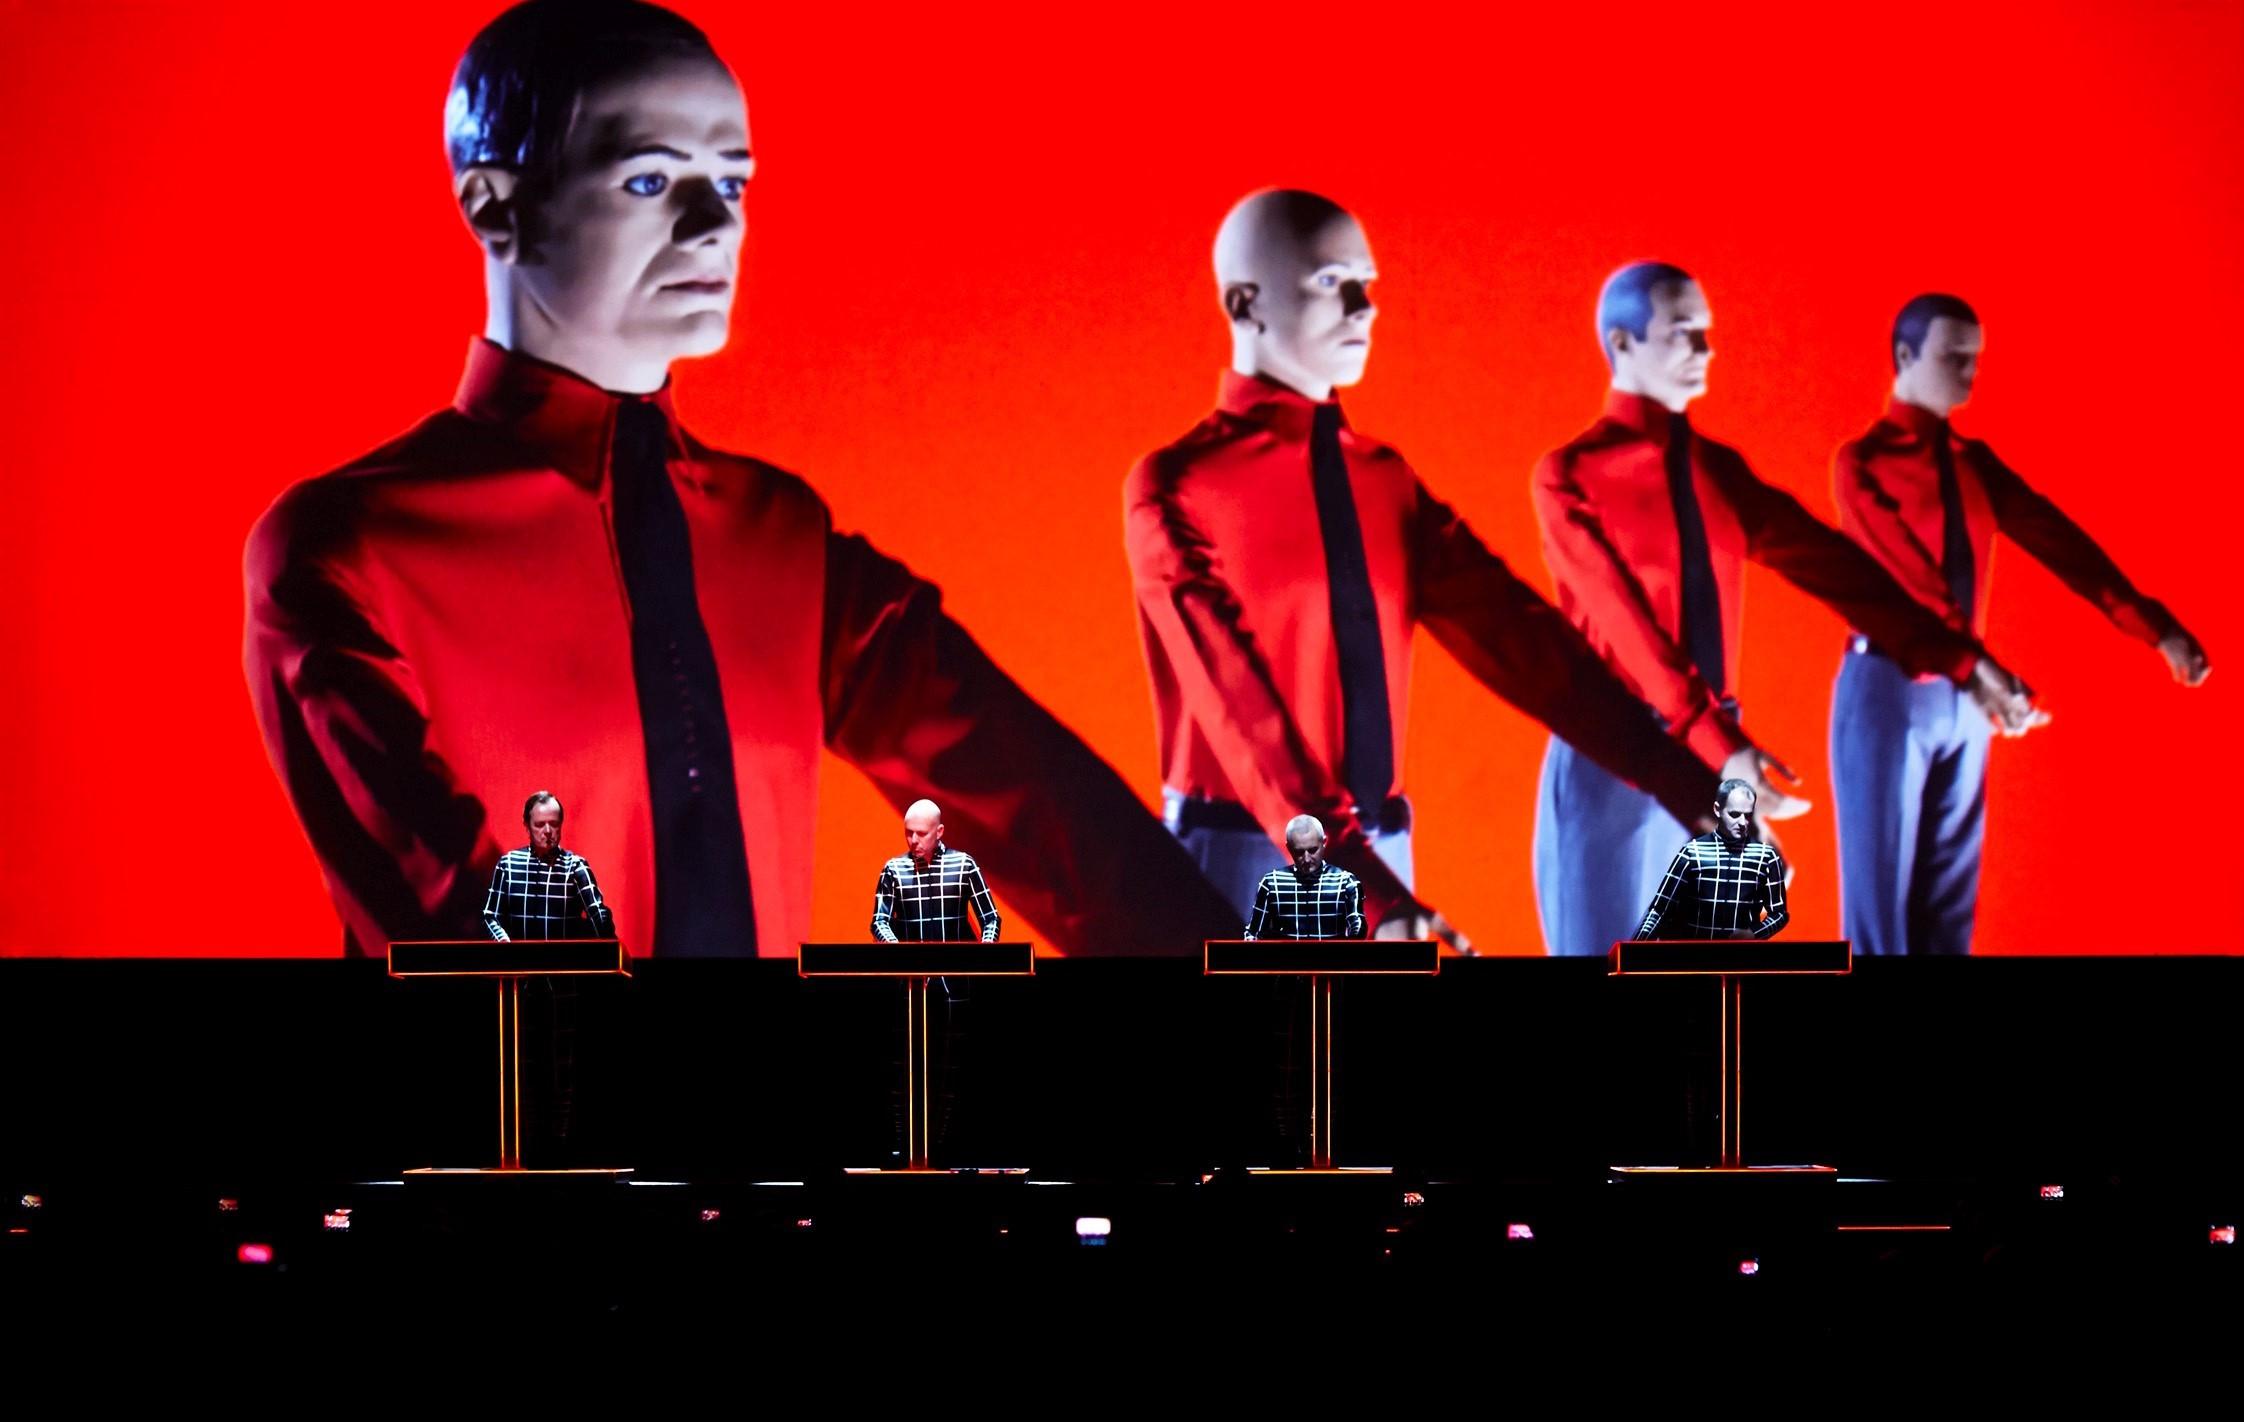 Hommage à Florian Schneider : dix samples pour mesurer l'influence de Kraftwerk